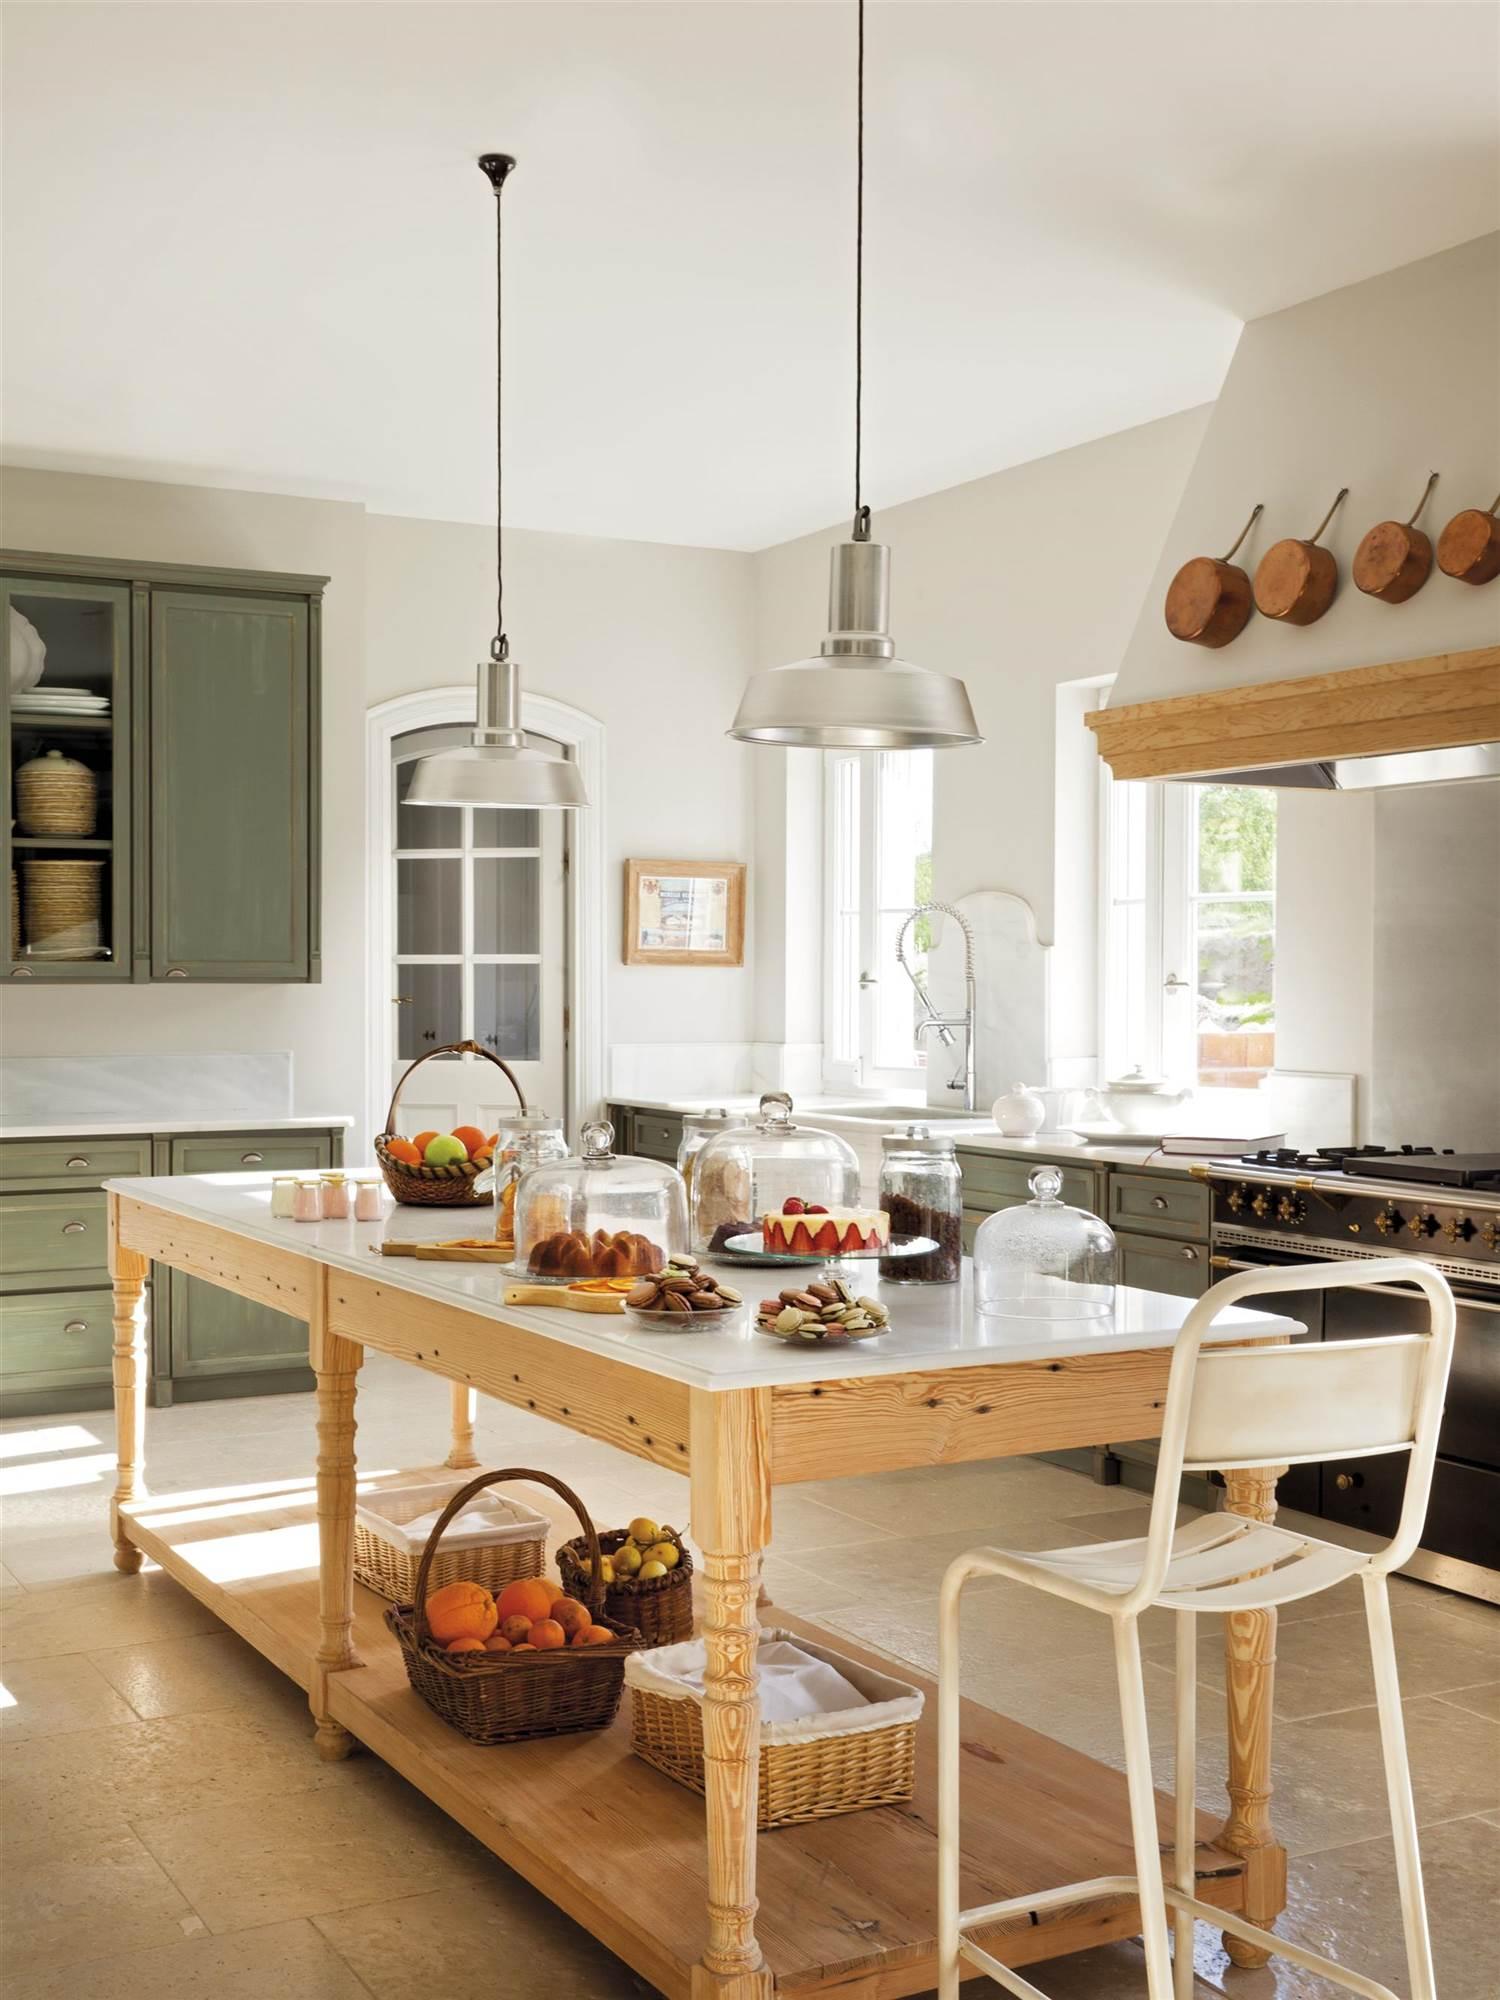 Galer a de fotos de taburetes los asientos m s pr cticos for Mesa cocina con taburetes